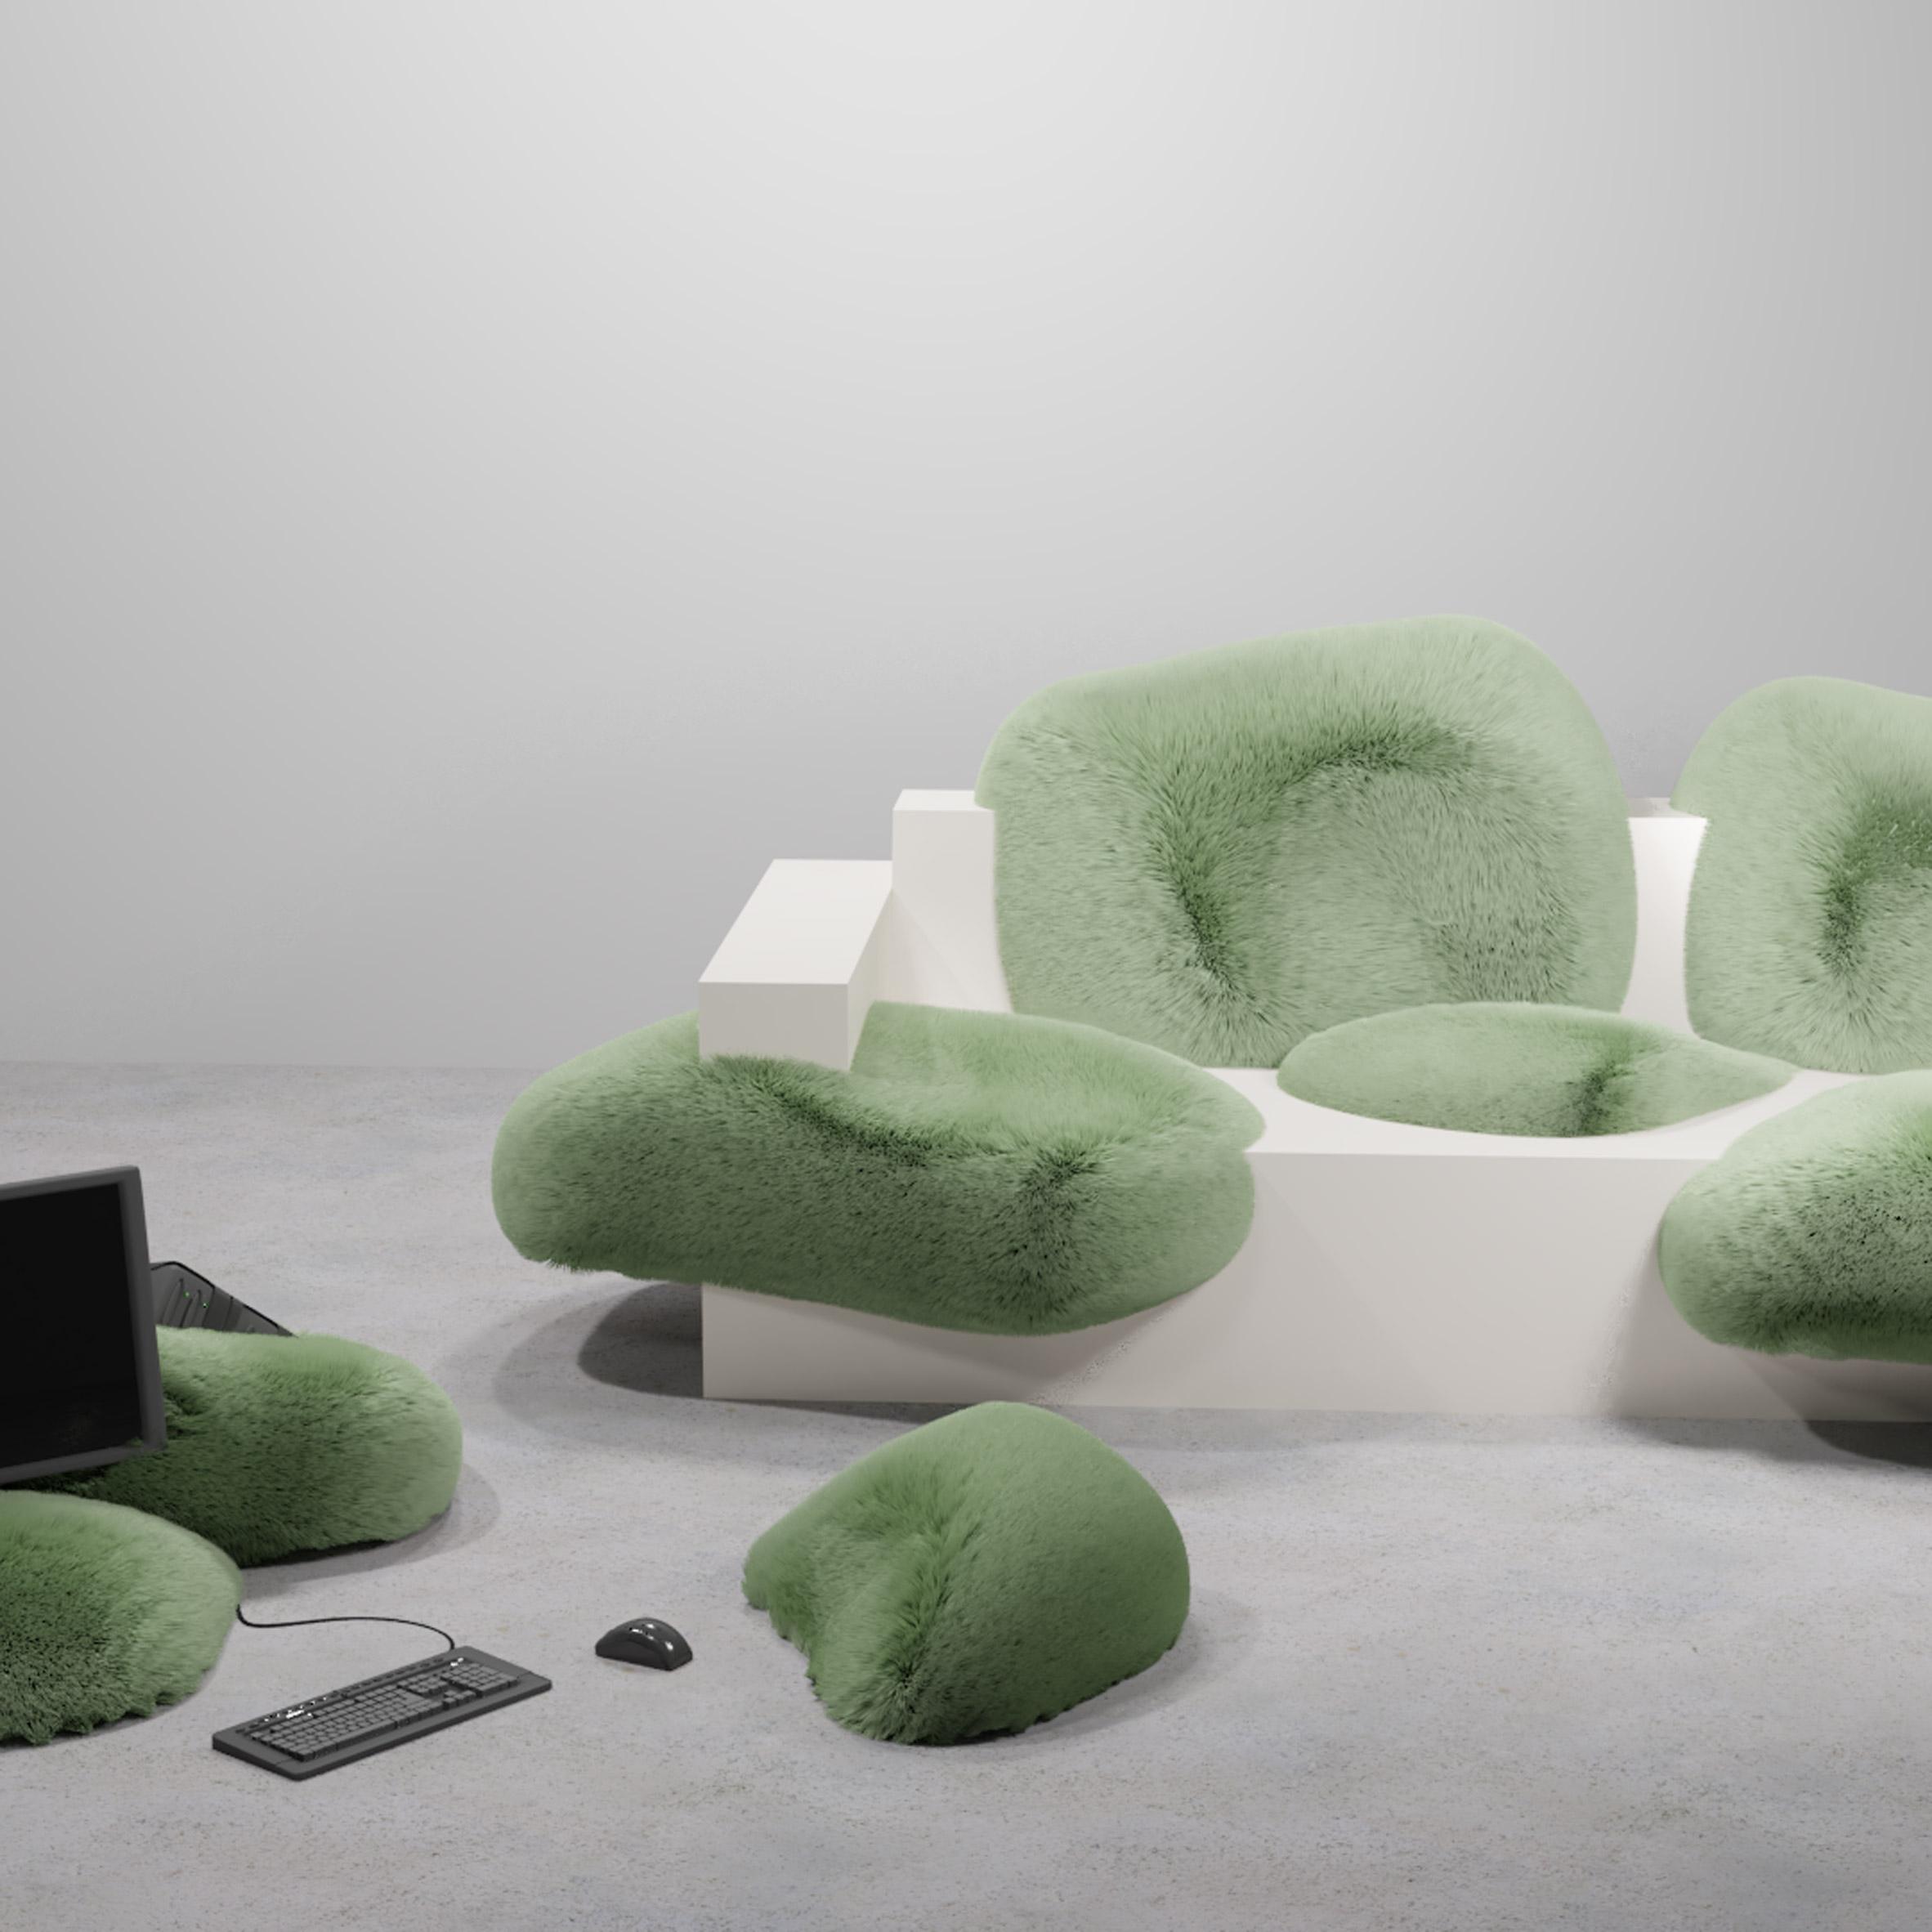 Dezeen's top 10 furniture designs of 2019